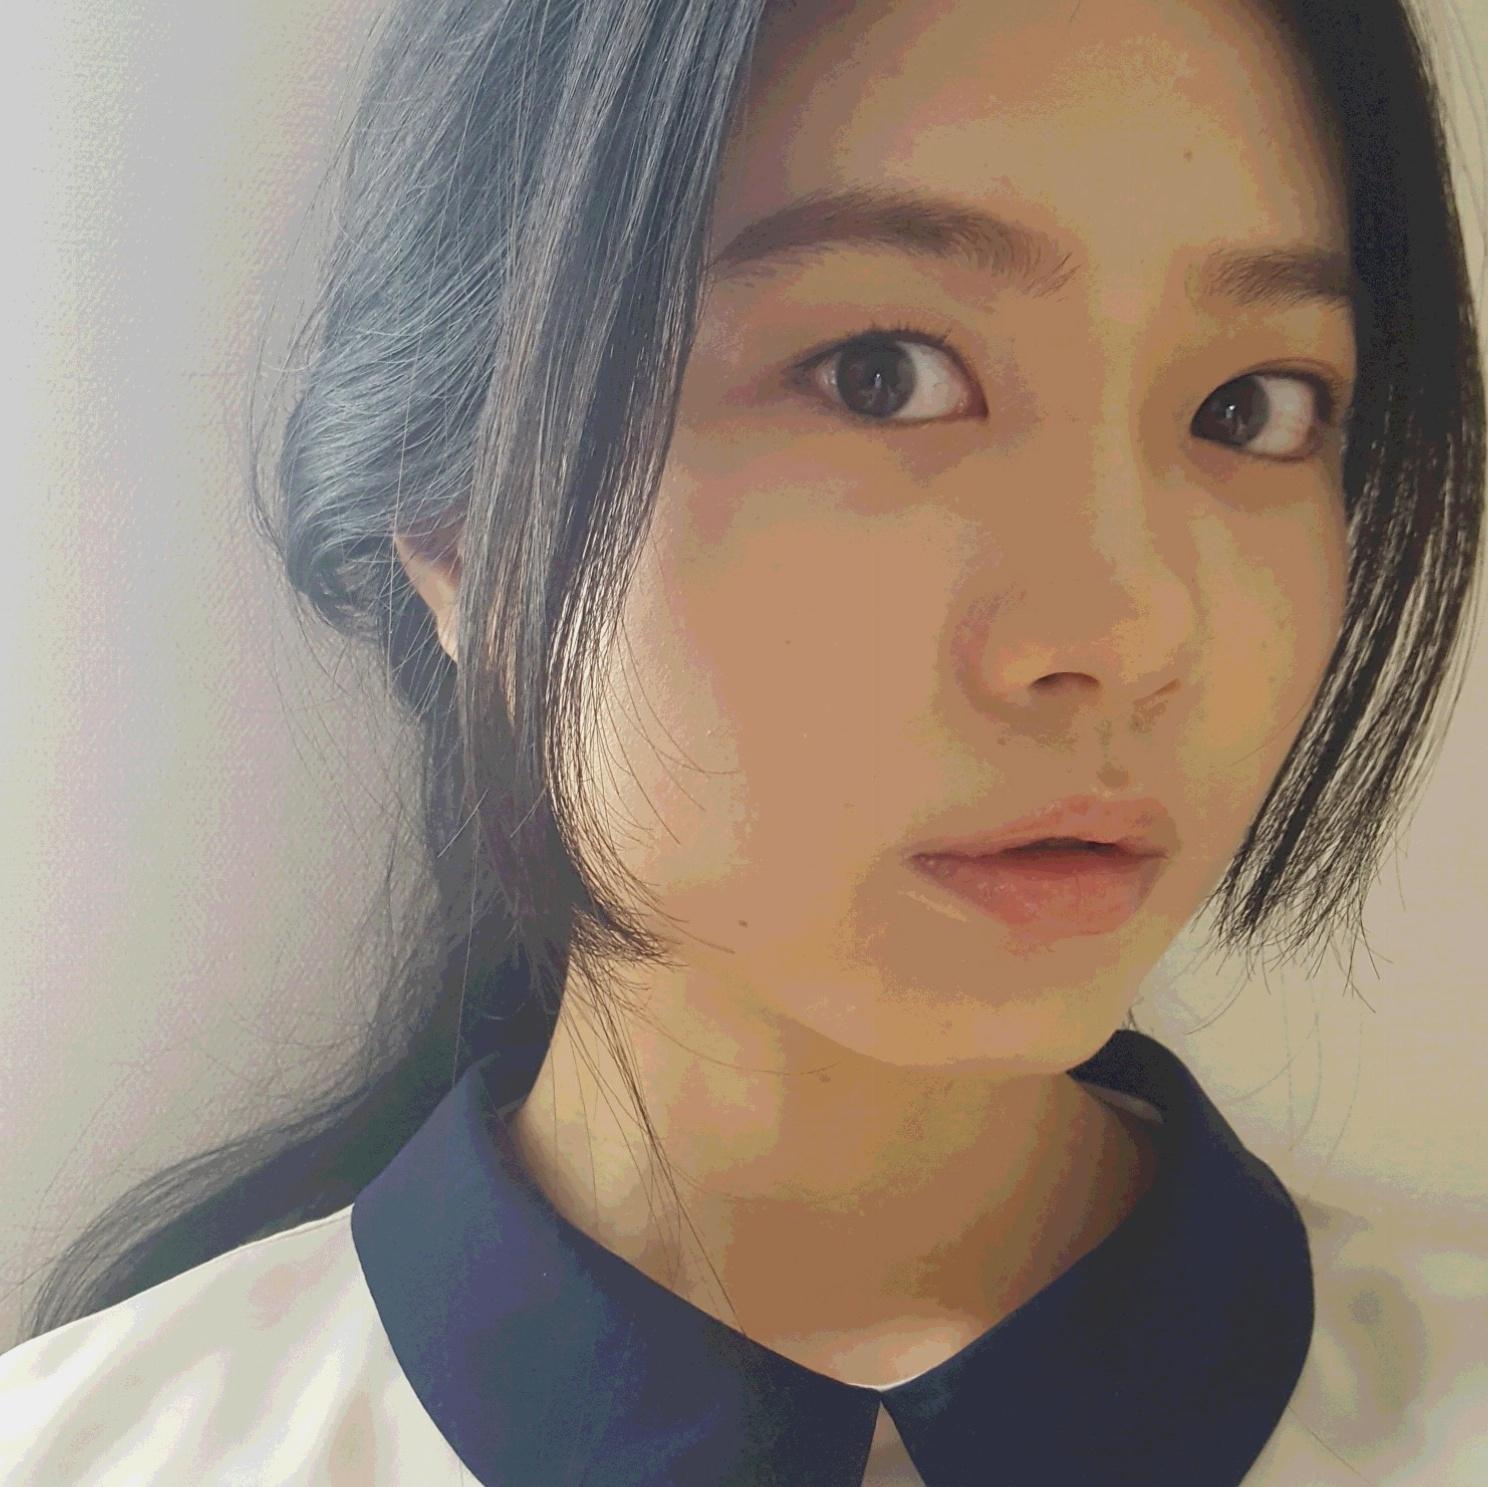 エスプリーク 新作&限定コスメで 夏メイク☆【お仕事編】_3